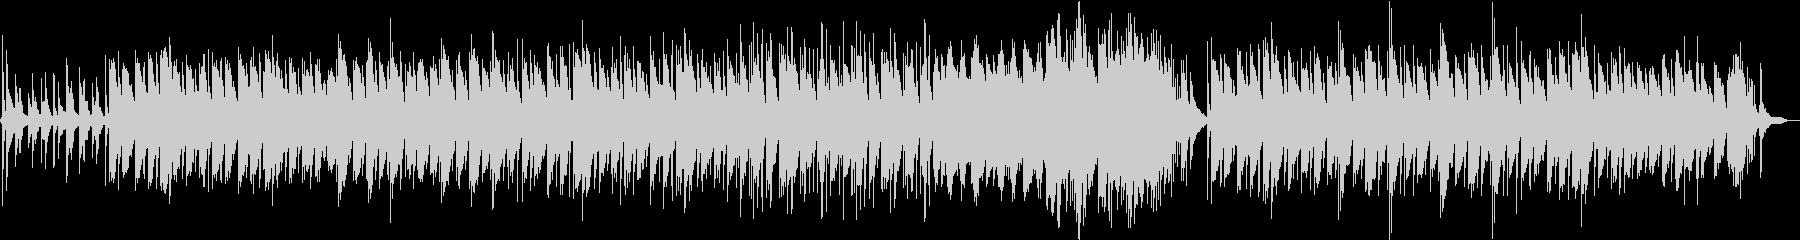 ピアノ独奏のヒーリング音楽の未再生の波形